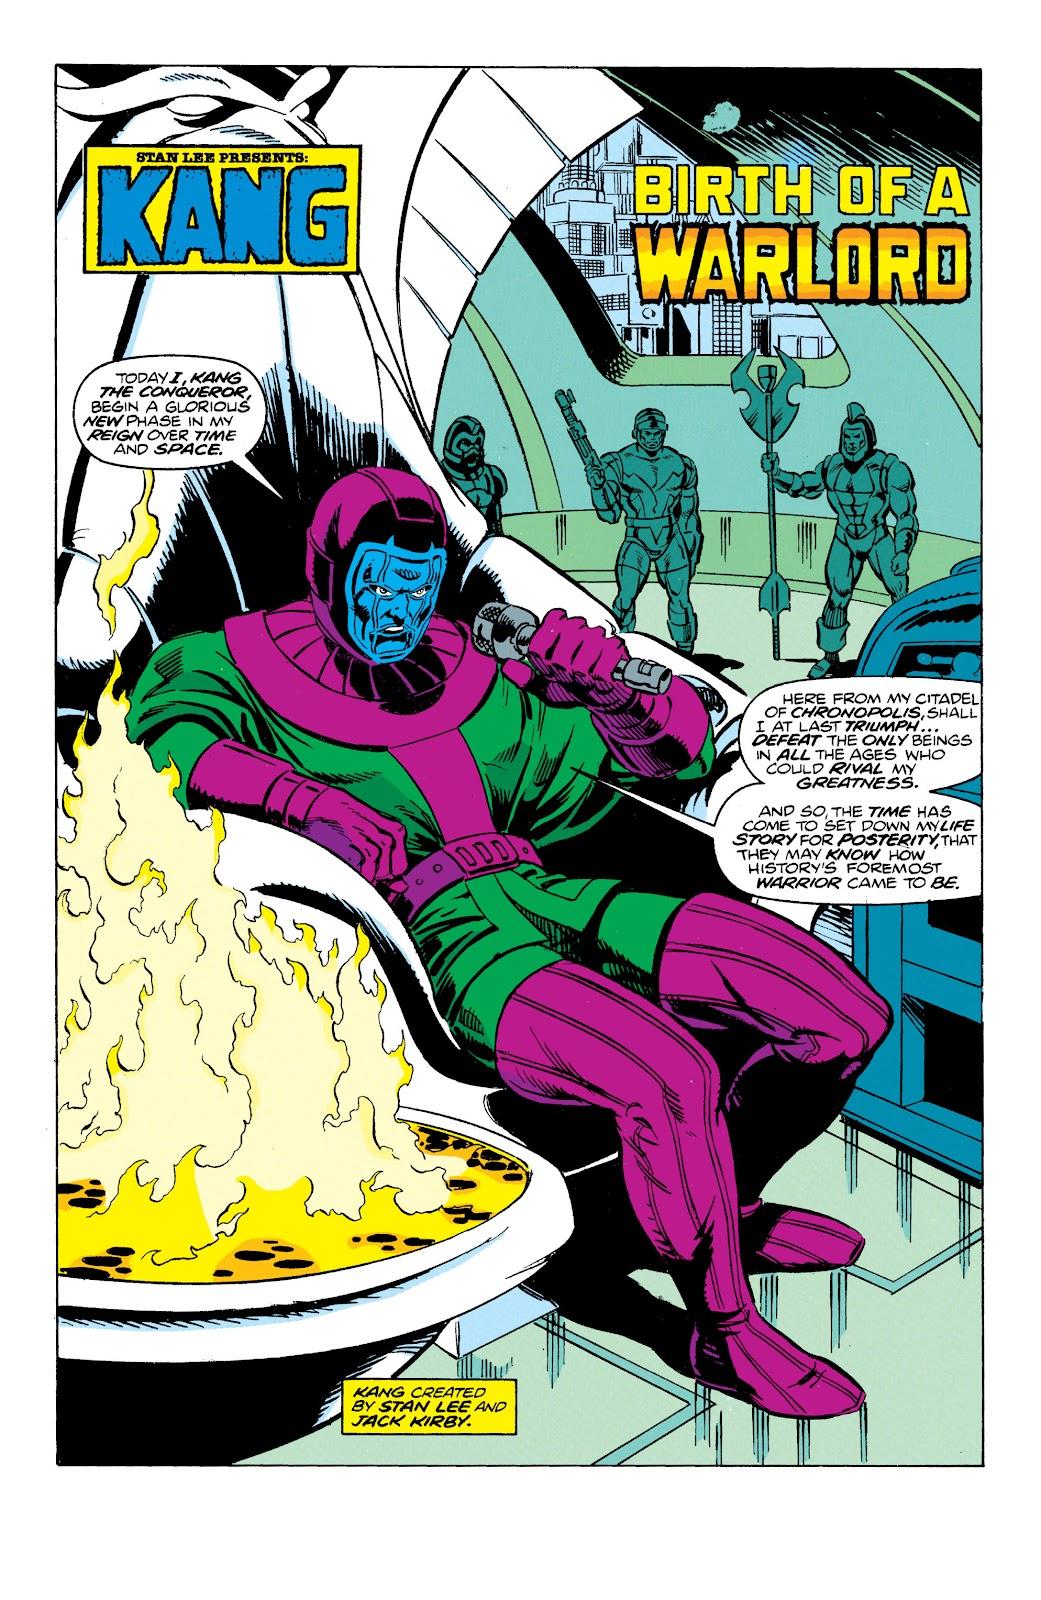 Read online Avengers: Citizen Kang comic -  Issue # TPB (Part 1) - 48